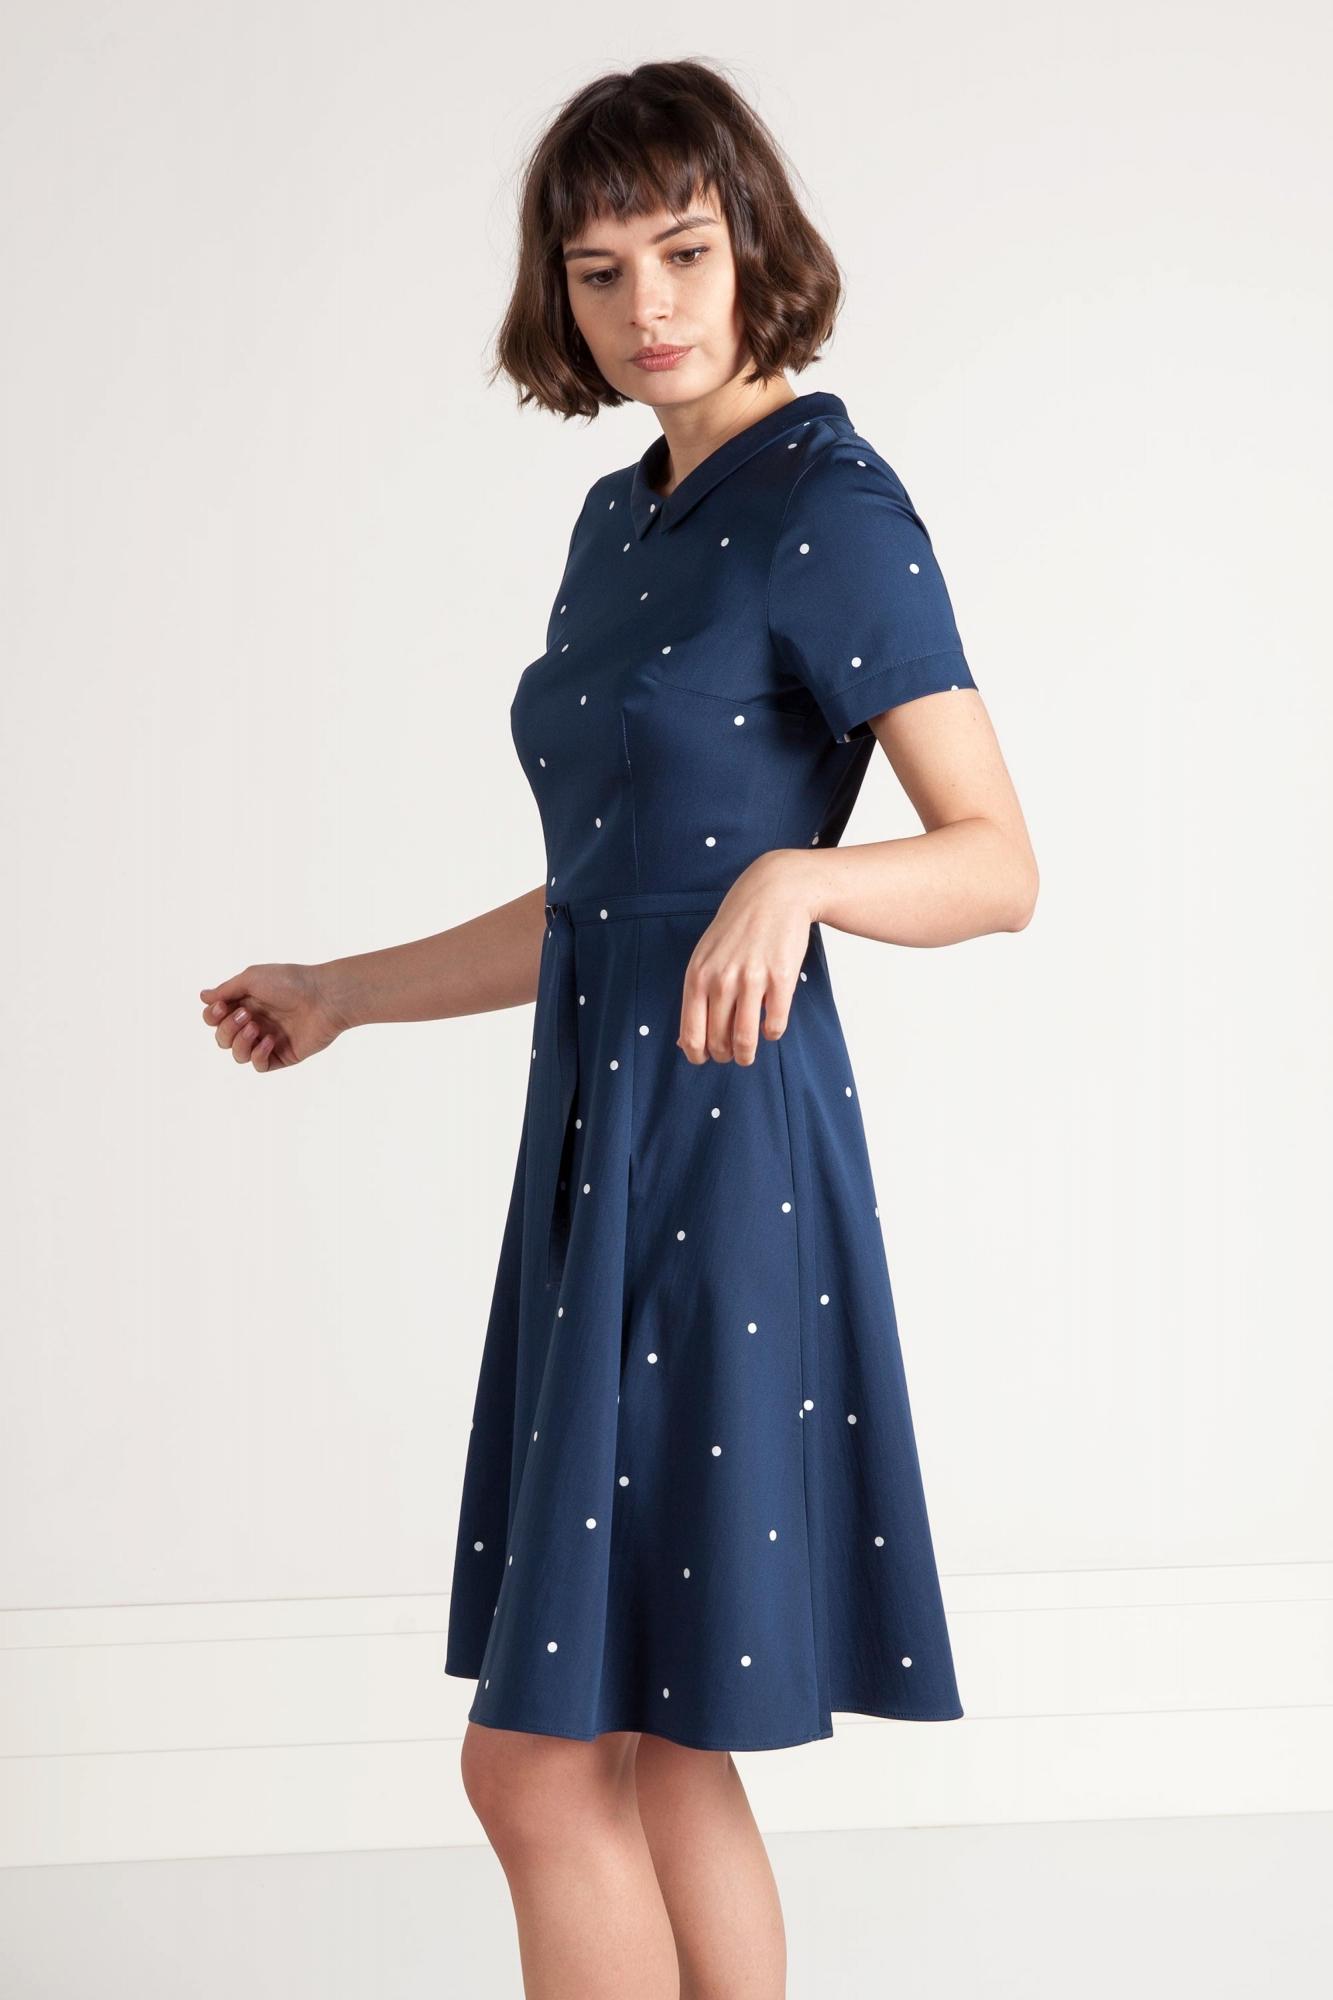 62c823812 Granatowa sukienka w groszki z rękawem i szerszym dołem. Beata Cupriak